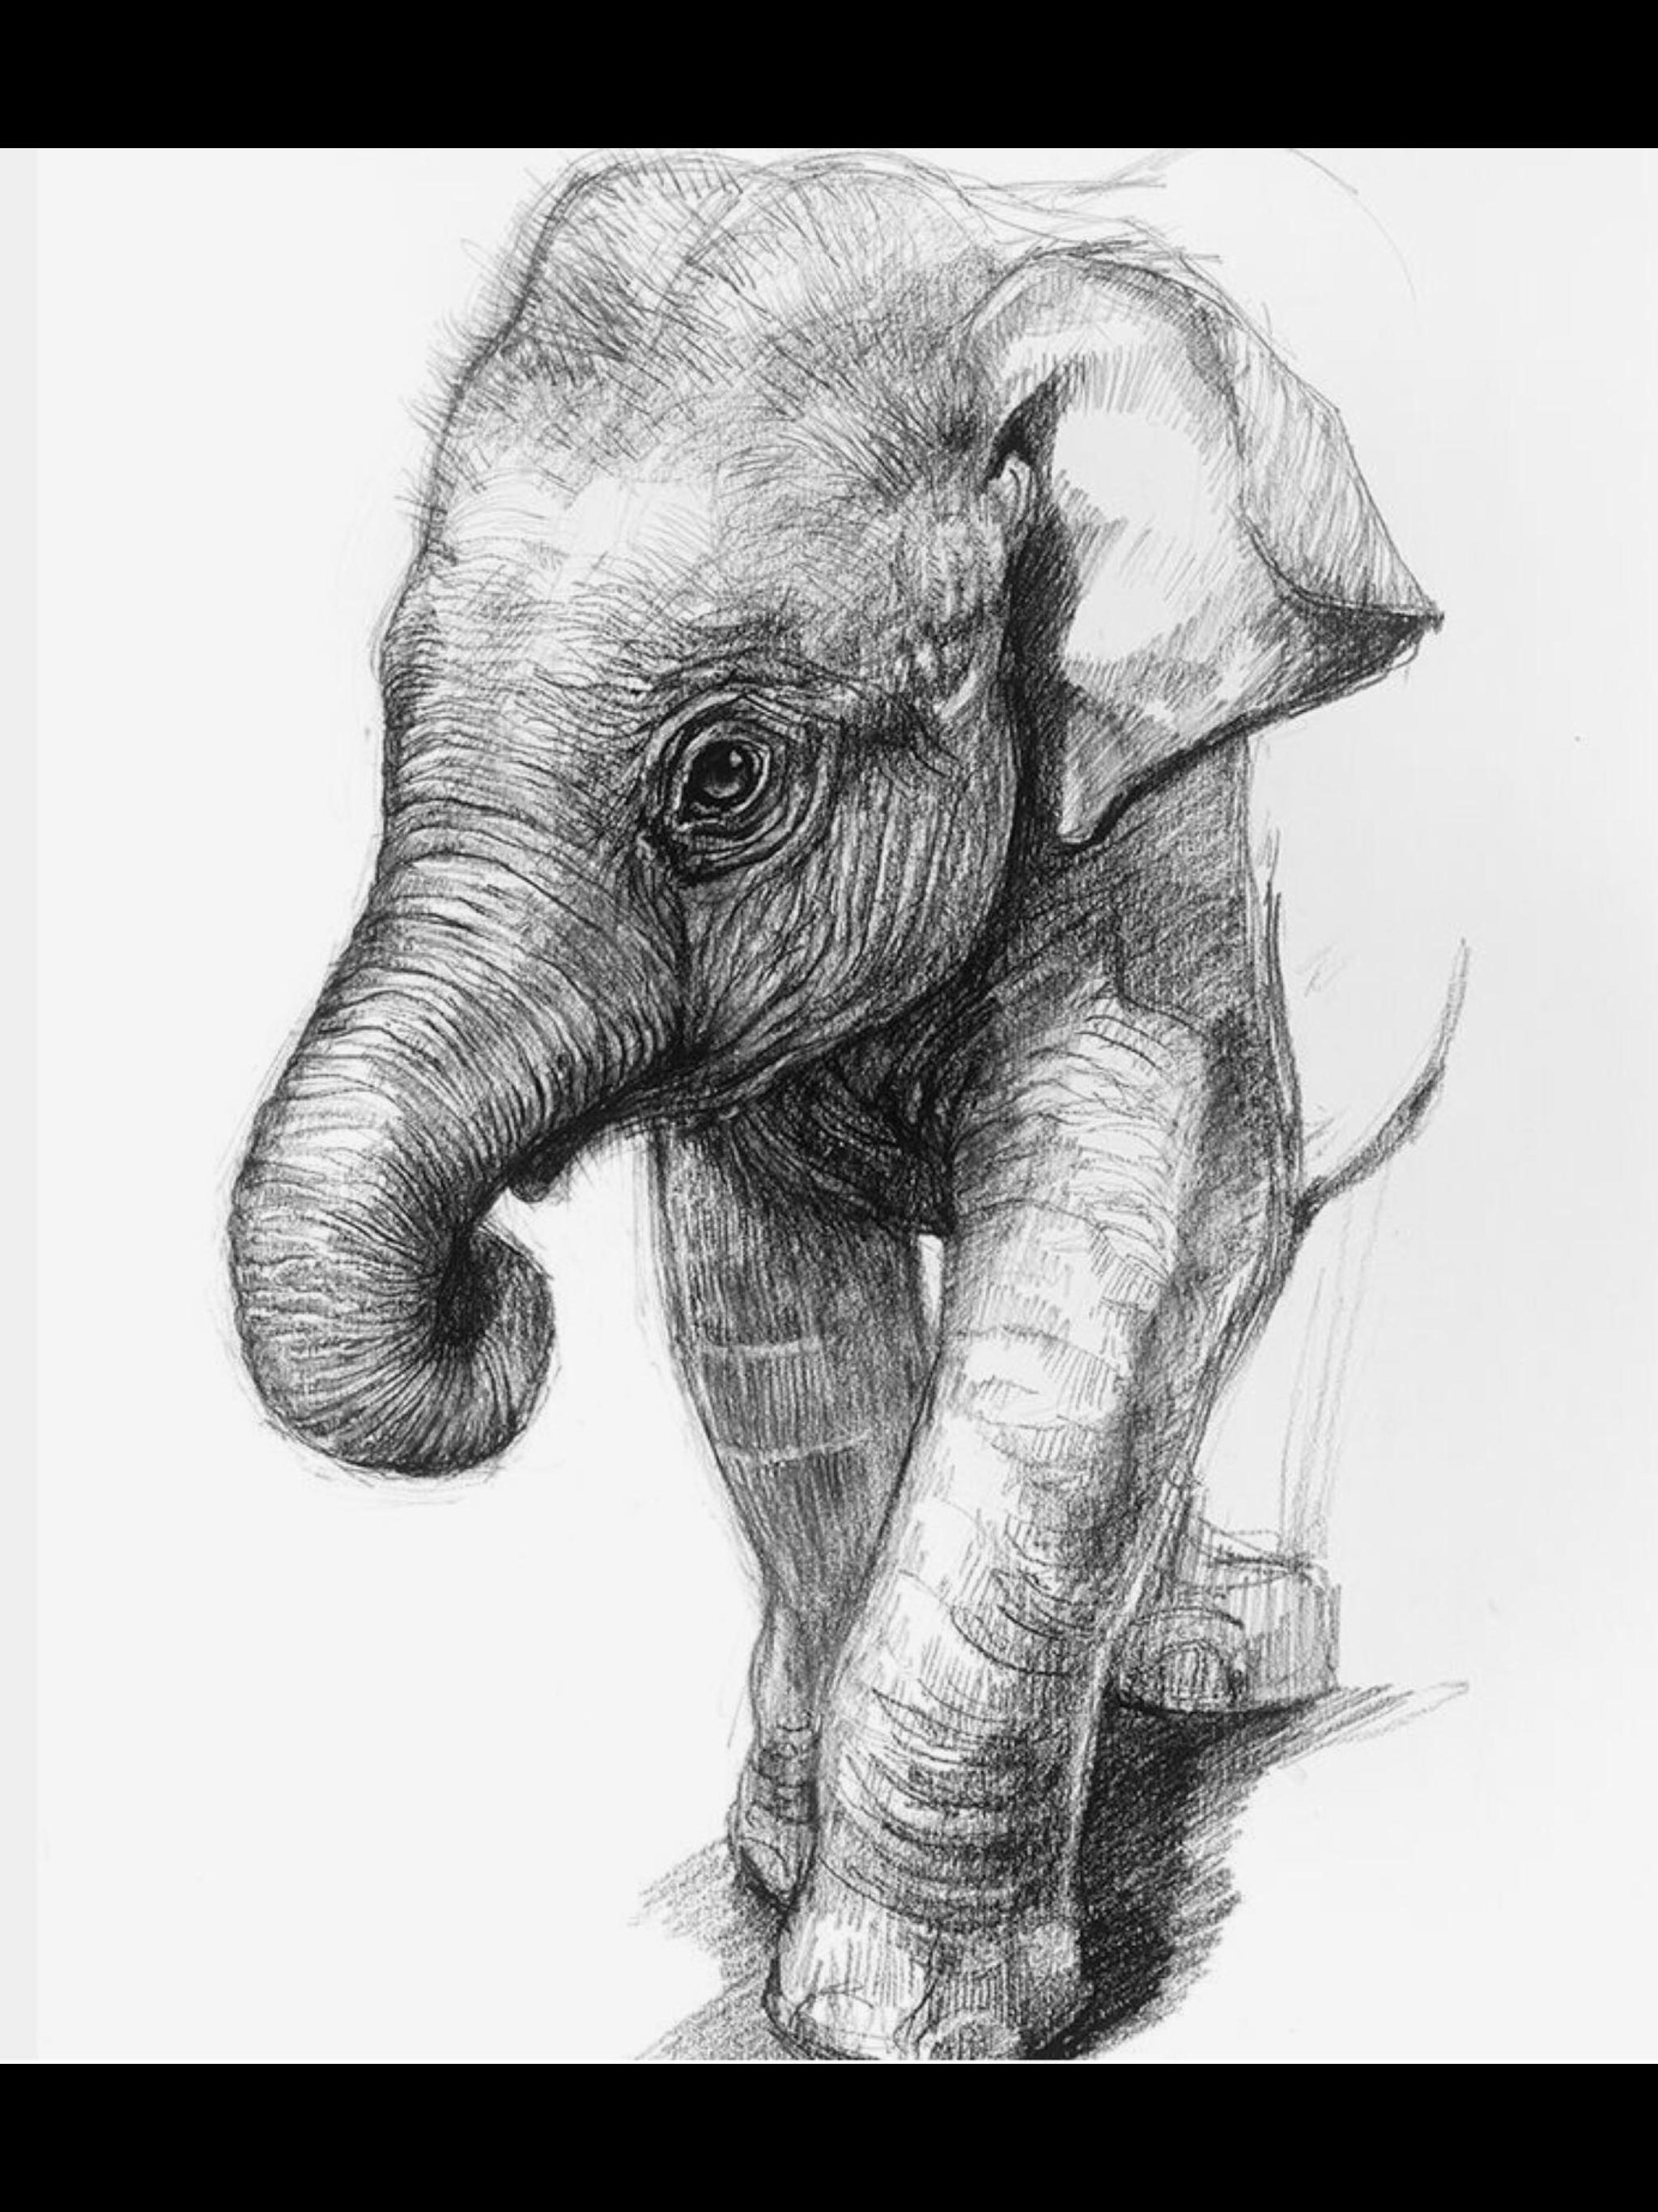 Elefante Arte De Elefante Dibujos Retratos Dibujos Realistas